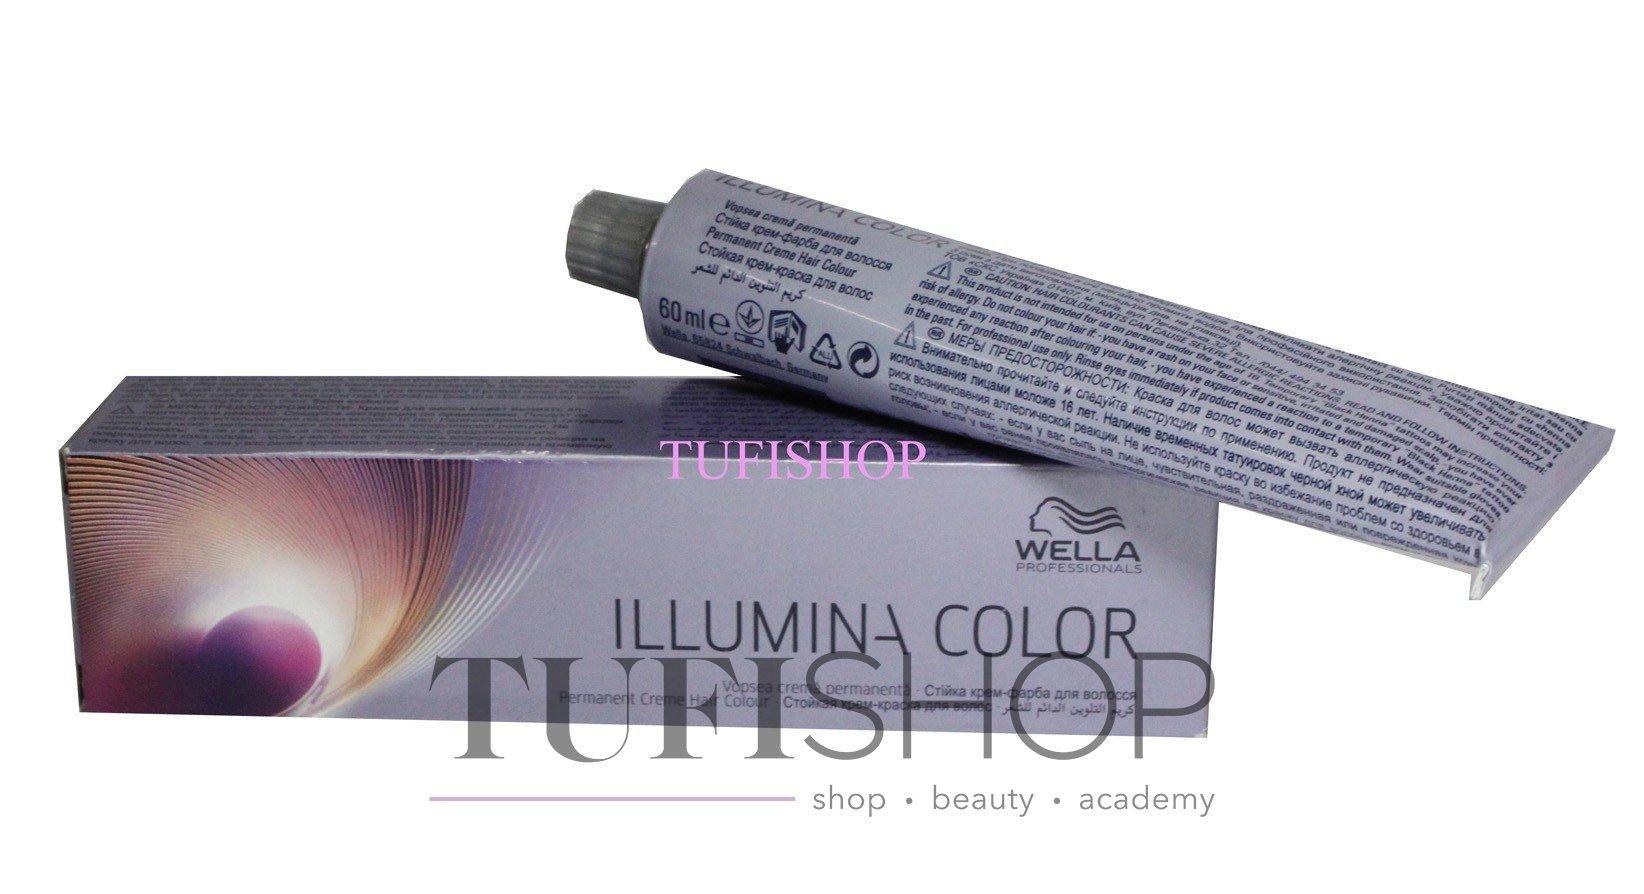 Experiencing wella professionals new illumina color service at